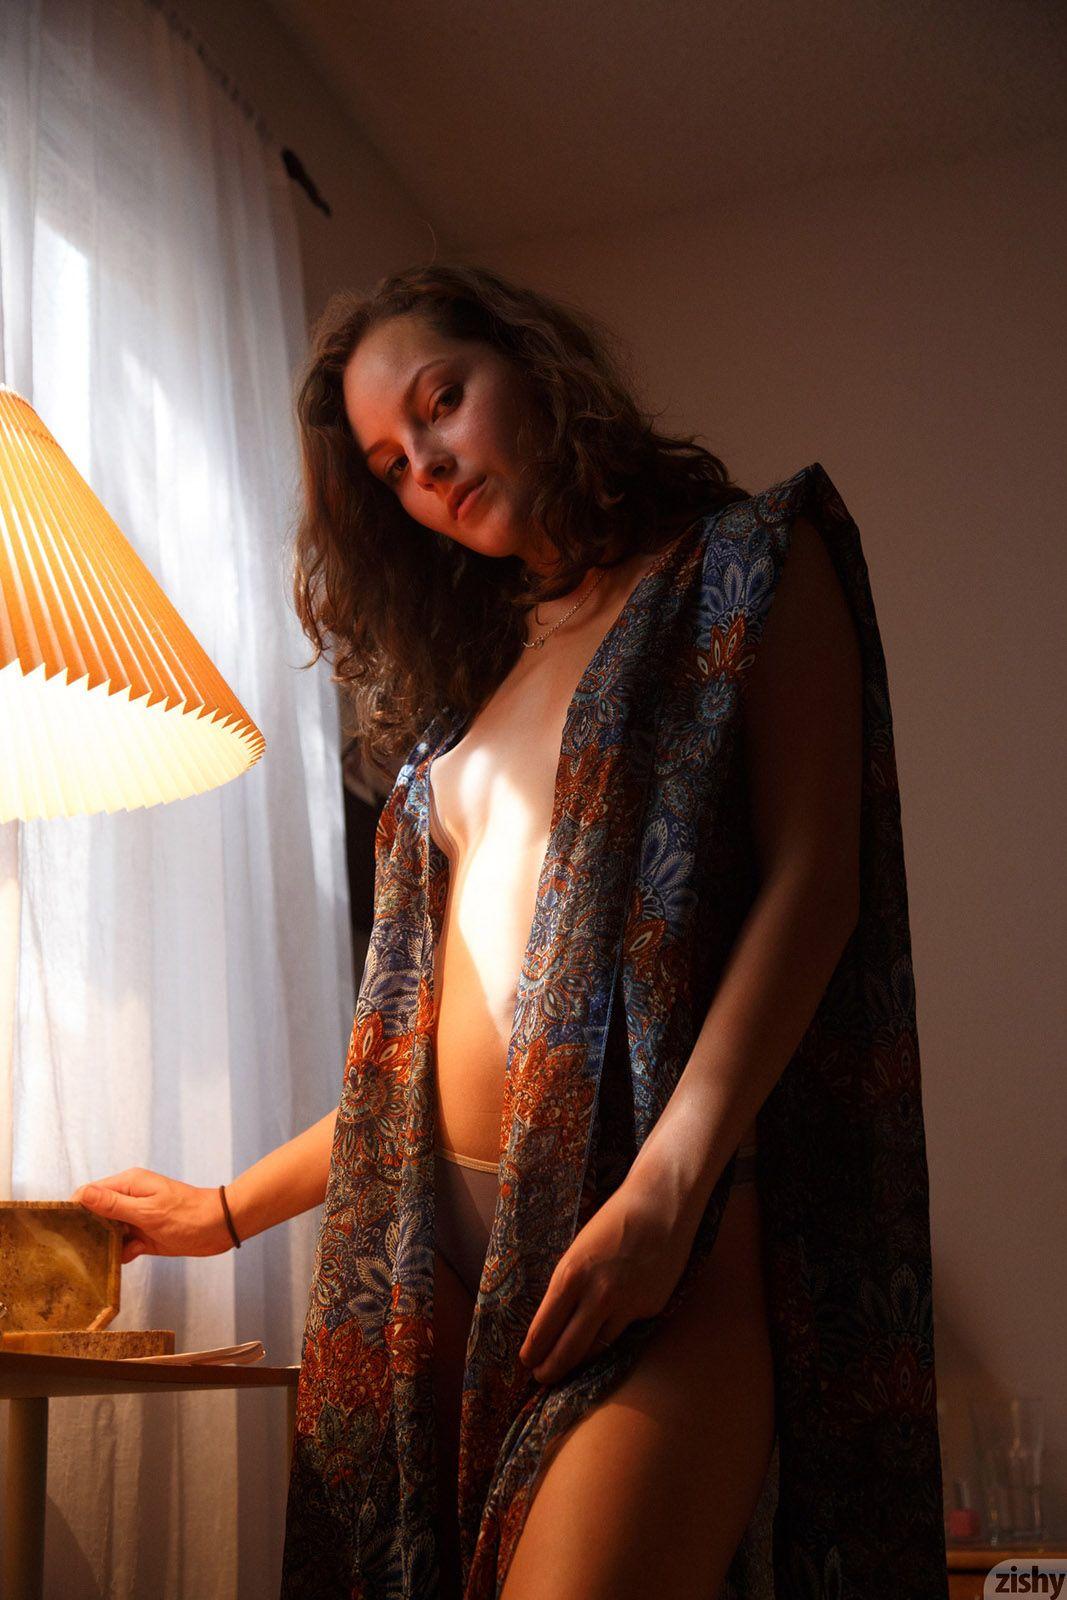 Bunny lust, daniel matsunaga naked sexy body